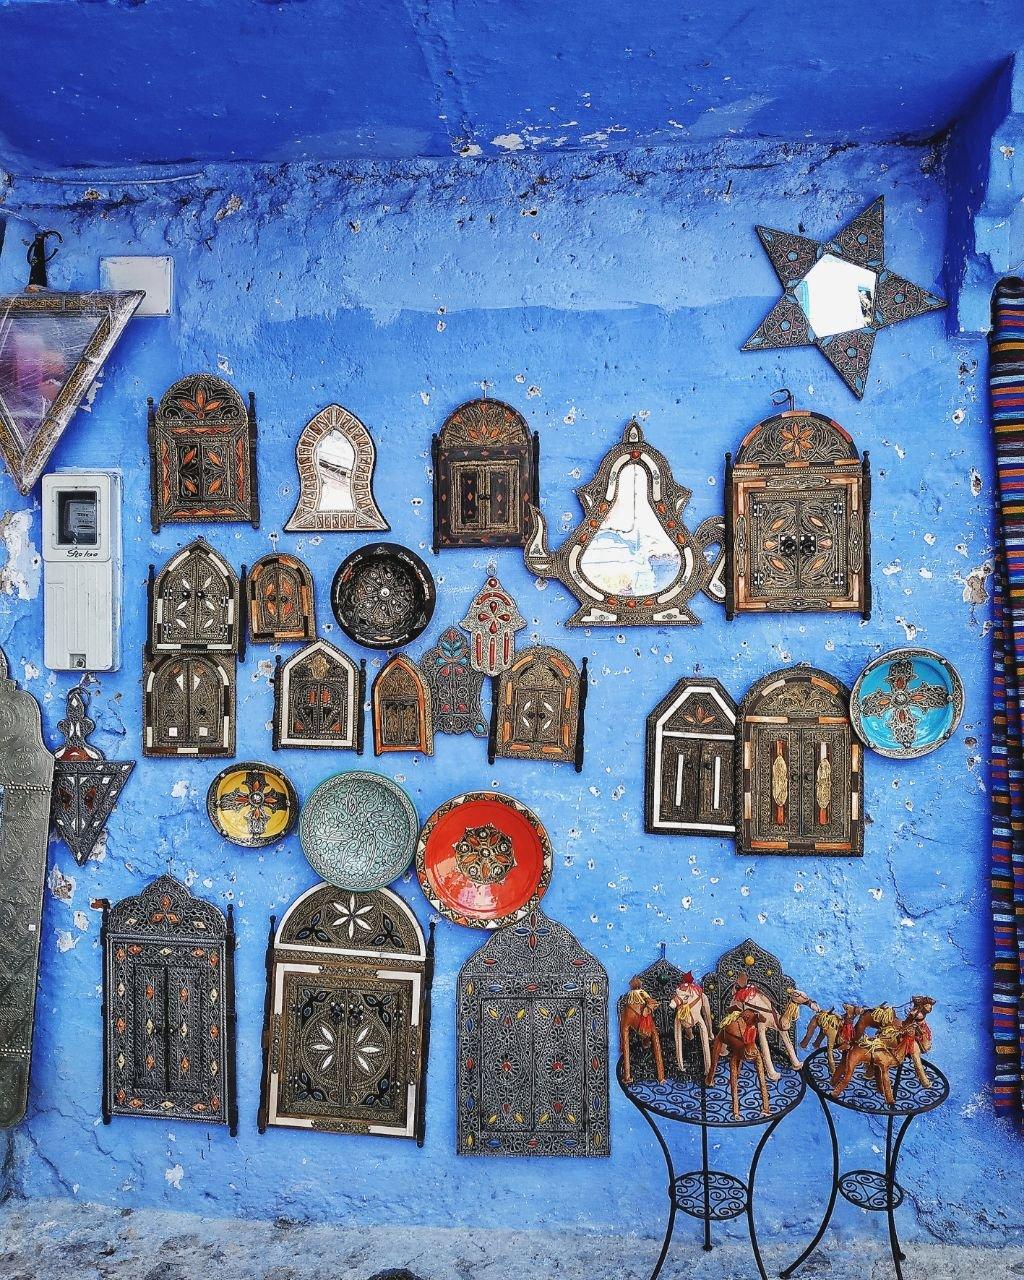 Город роз, персидские дворцы и Медина. Как харьковчанка провела две недели в Иране и Марокко, - ФОТО, фото-21